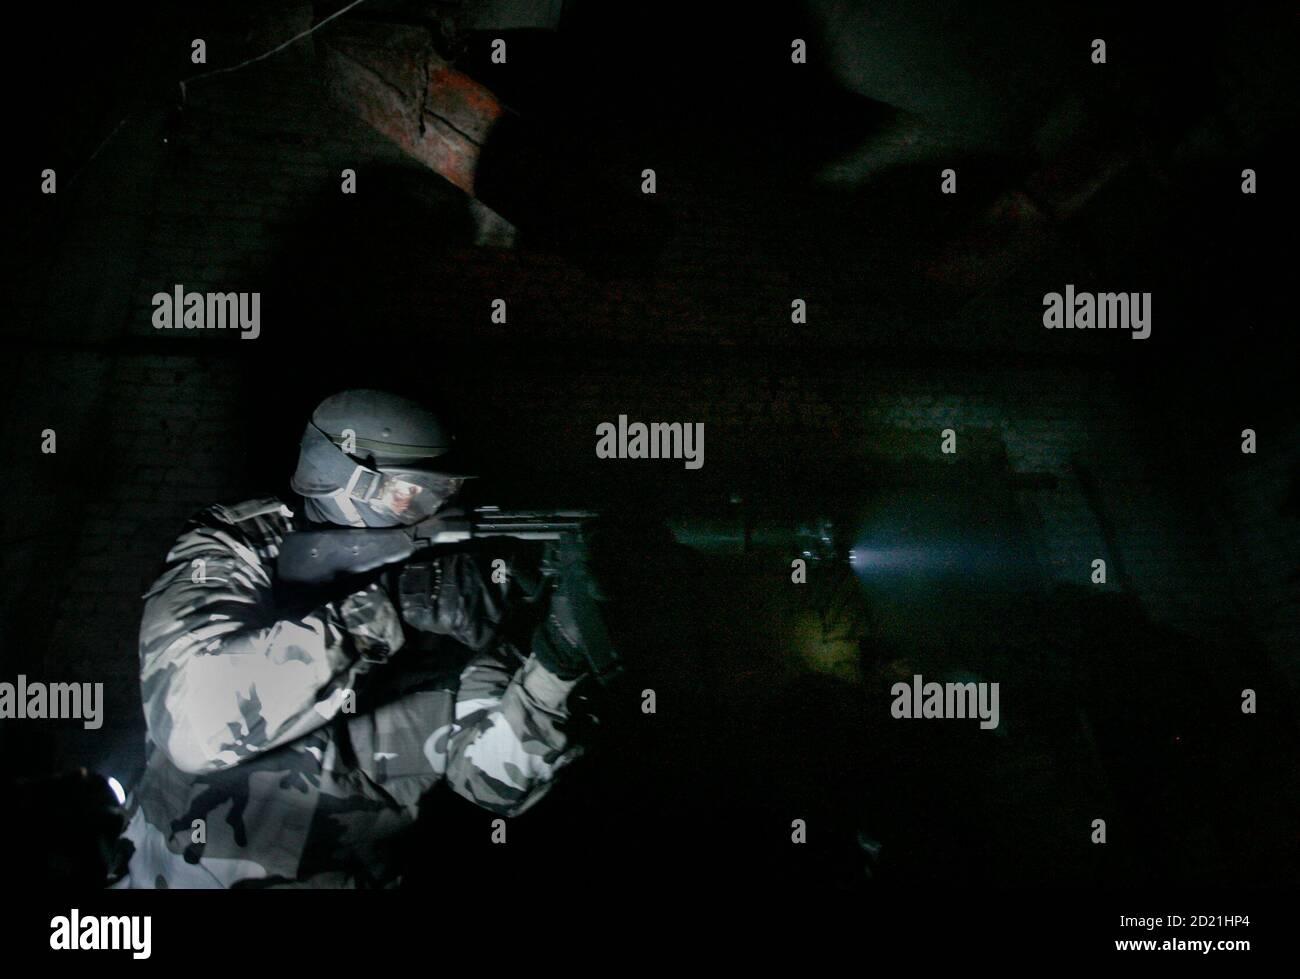 Ein Mann schießt während eines Live Action Rollenspiels, das auf ...